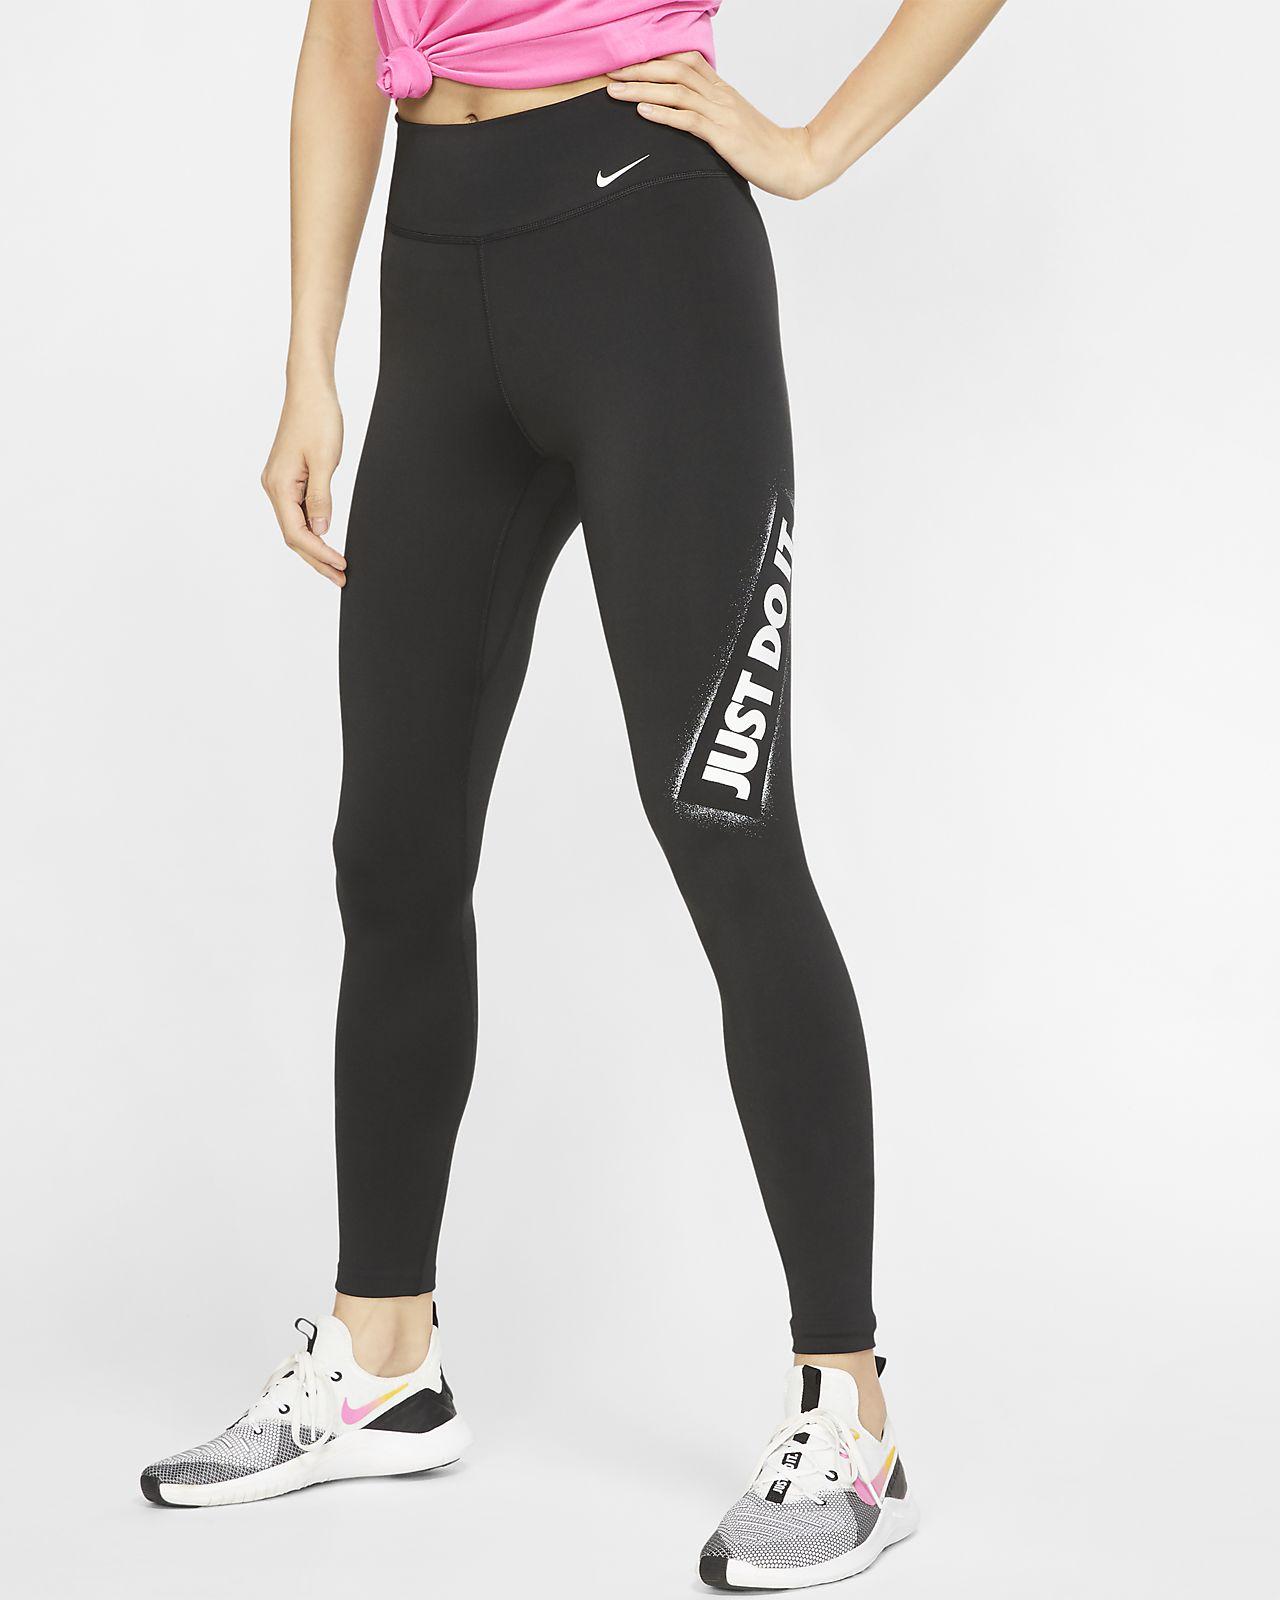 Женские тайтсы JDI Nike One